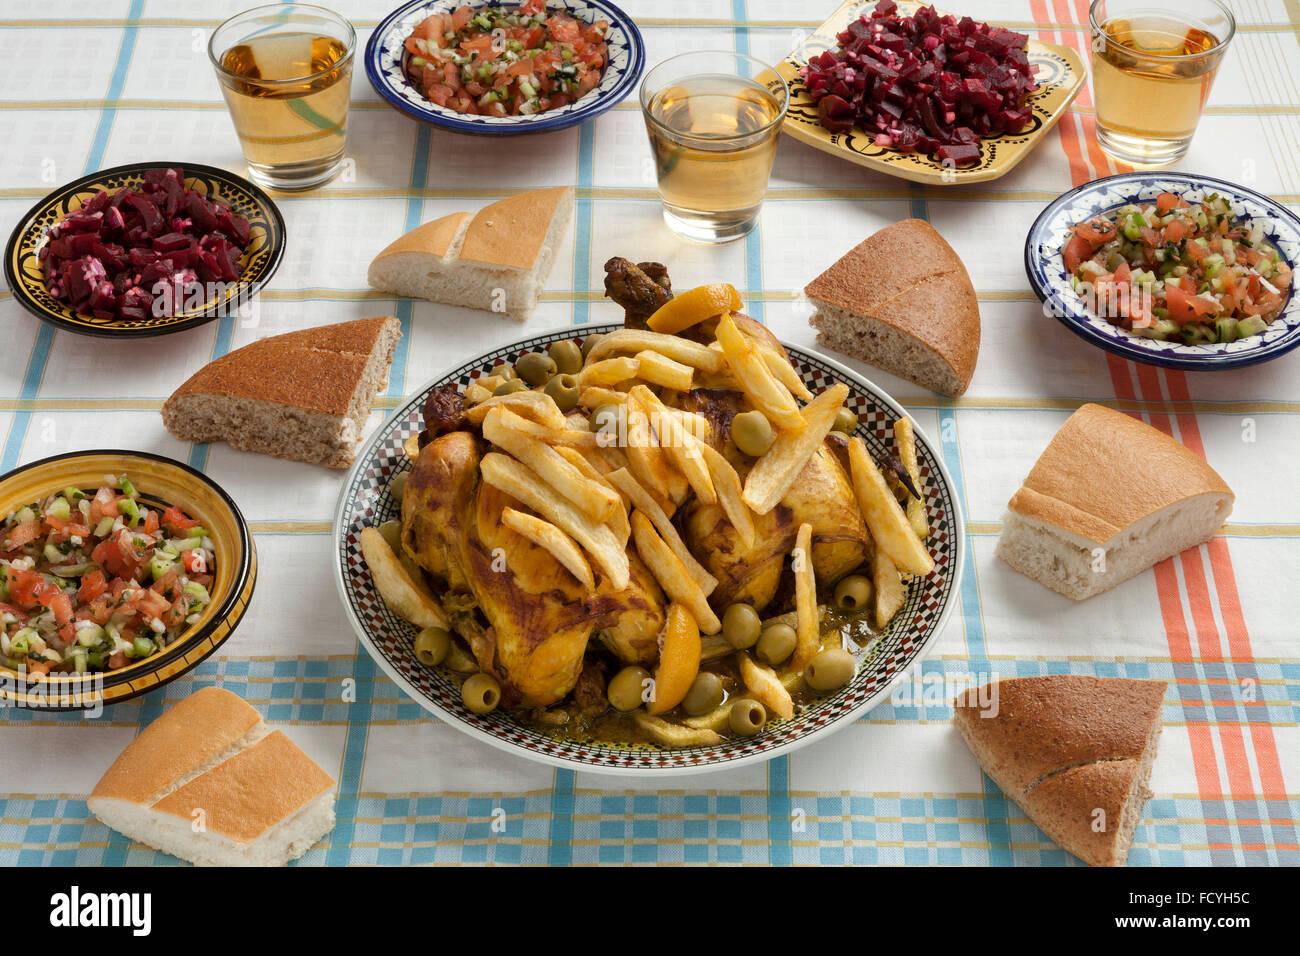 La farine de poulet farcies marocain traditionnel avec des frites, des olives, du pain,citron,préservés Photo Stock